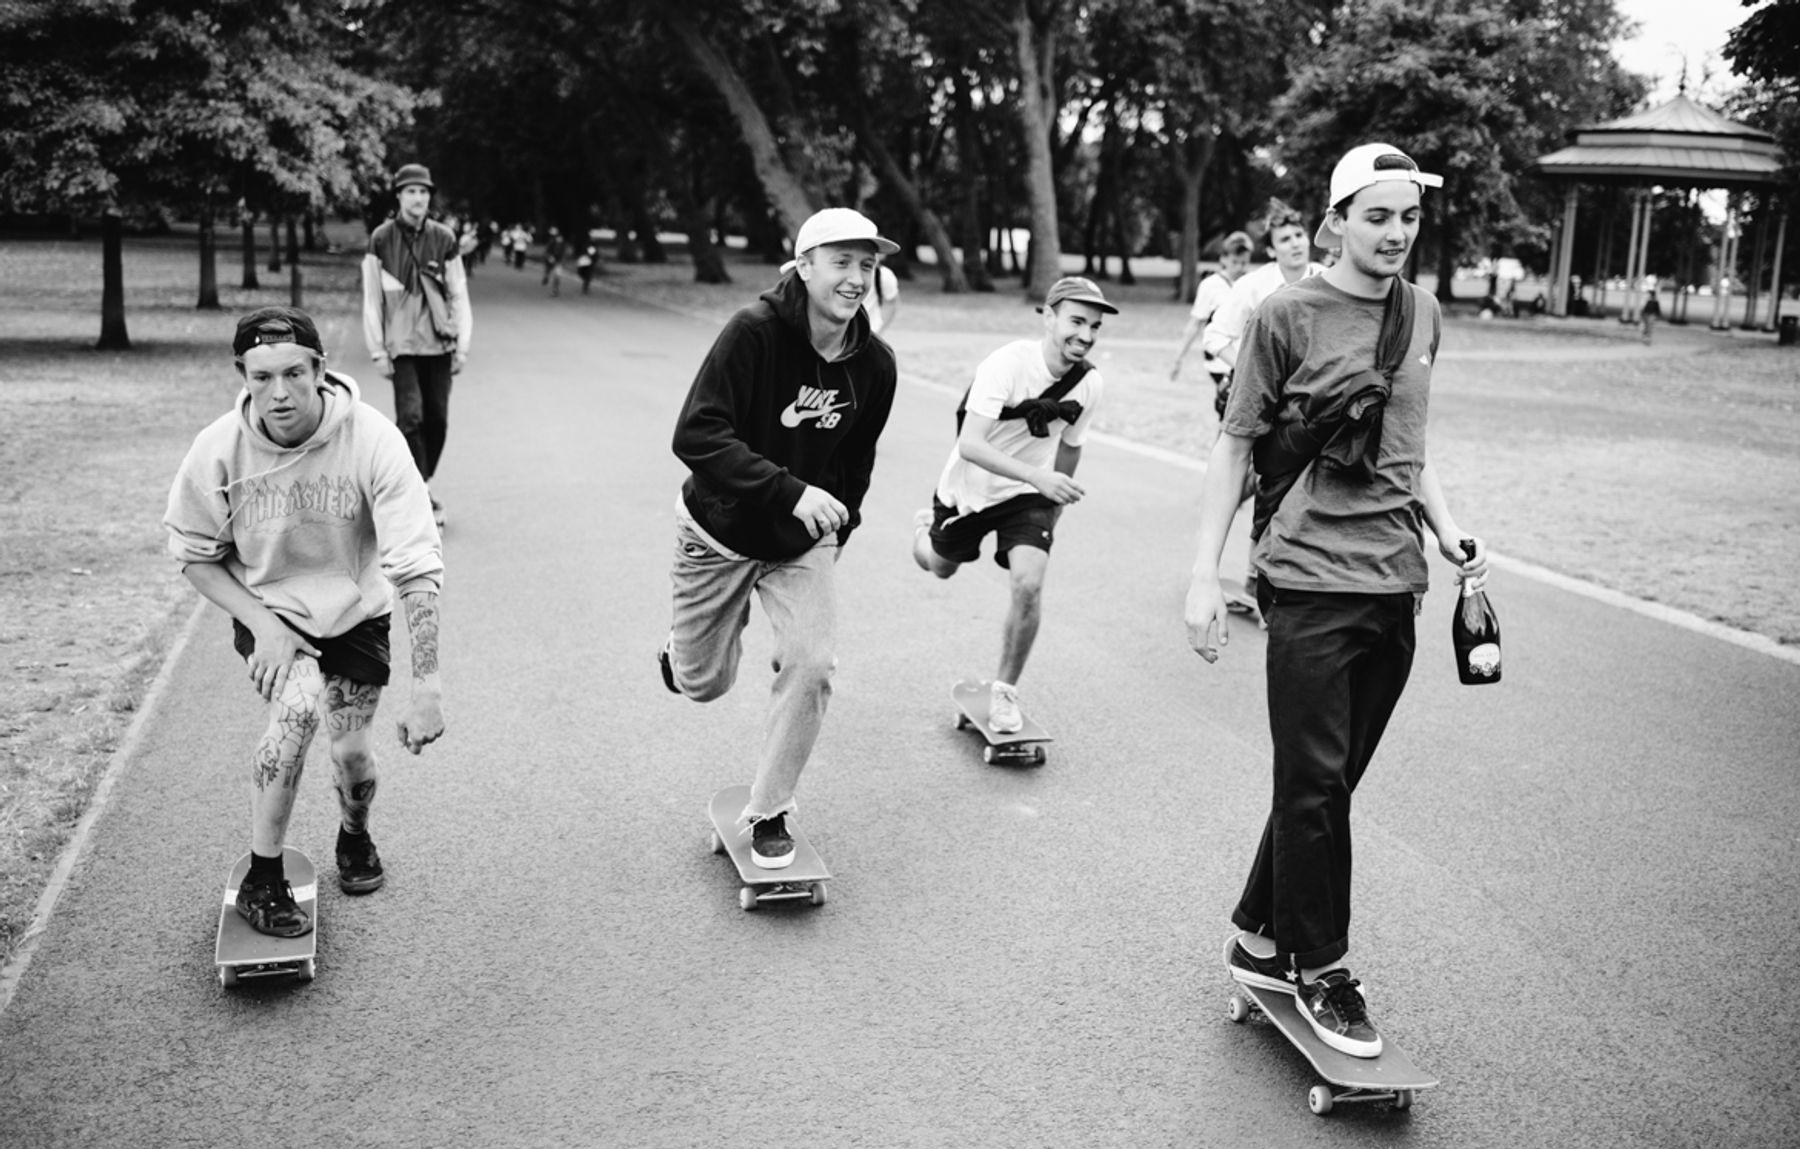 _IHC7976e-Casper-Brooker-Arthur-Derrien-Tom-Tanner-Nike-SB-x-Slam-City-Skates-Go-Skateboarding-Day-London-June-2015-Photographer-Maksim-Kalanep